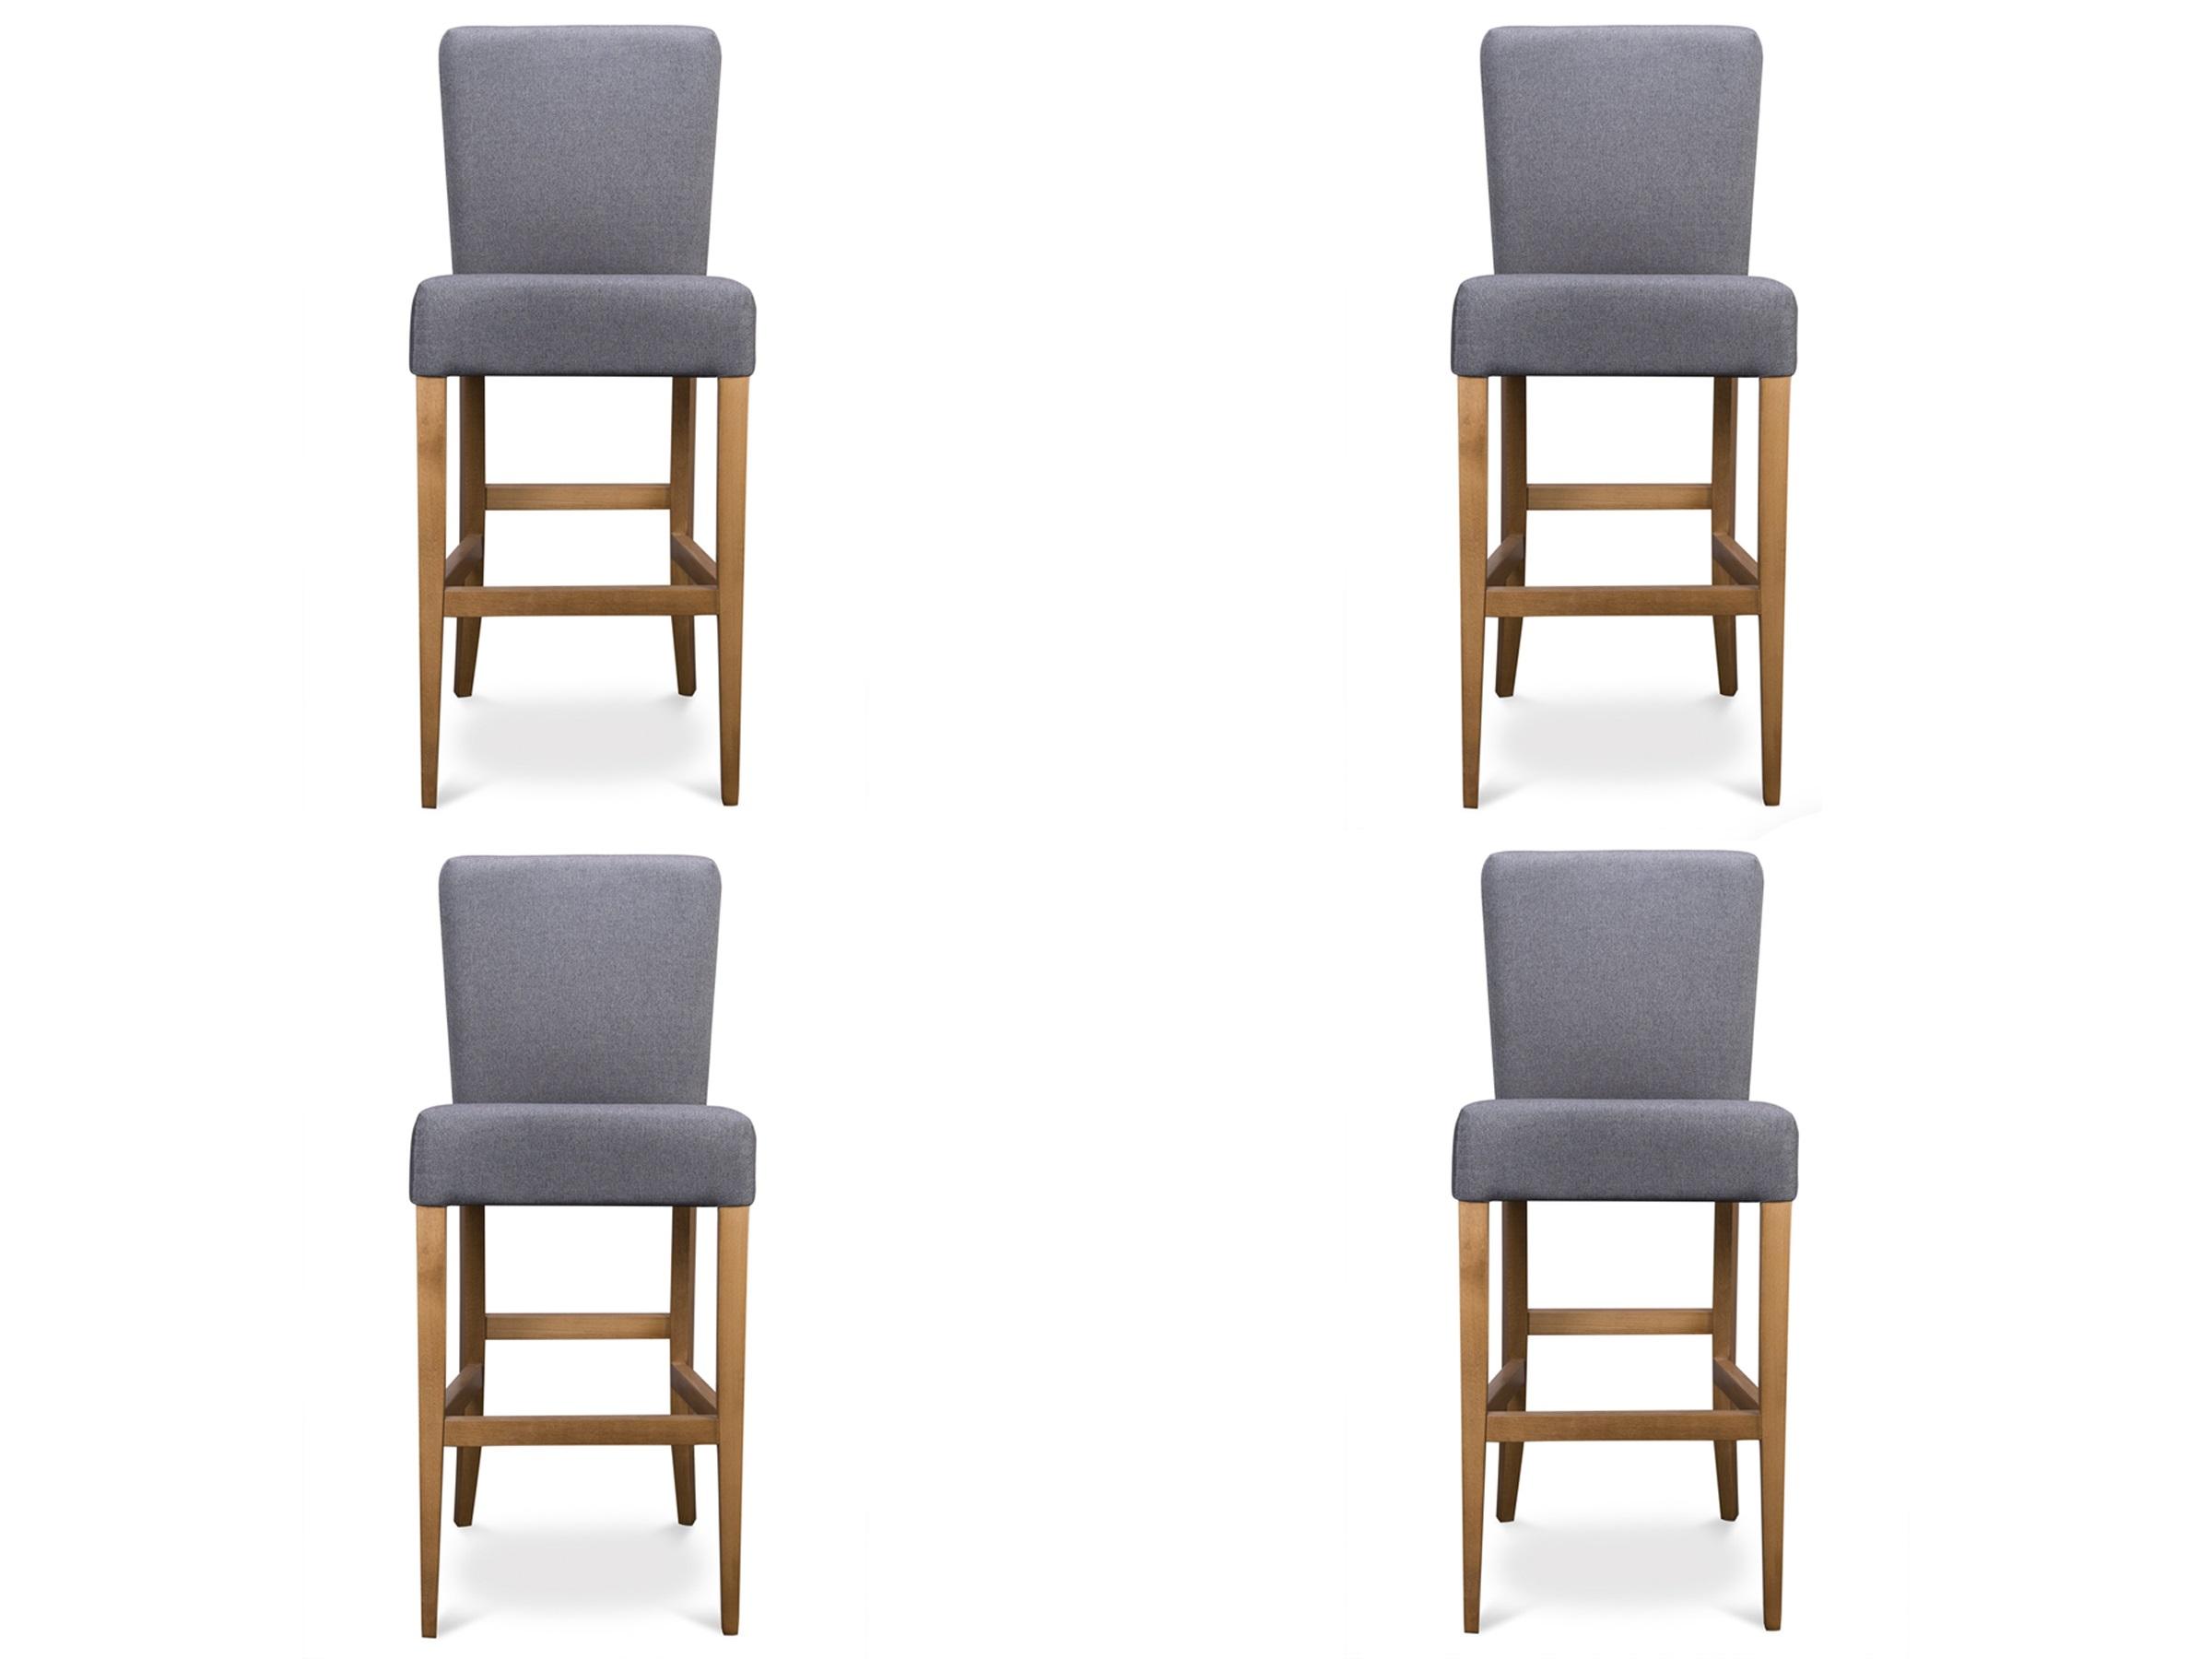 Комплект из 4 стульев PallКомплекты<br>&amp;lt;div&amp;gt;Высота сидения: 80 см.&amp;lt;br&amp;gt;&amp;lt;/div&amp;gt;&amp;lt;div&amp;gt;&amp;lt;br&amp;gt;&amp;lt;/div&amp;gt;<br><br>Material: Текстиль<br>Ширина см: 45<br>Высота см: 116<br>Глубина см: 54